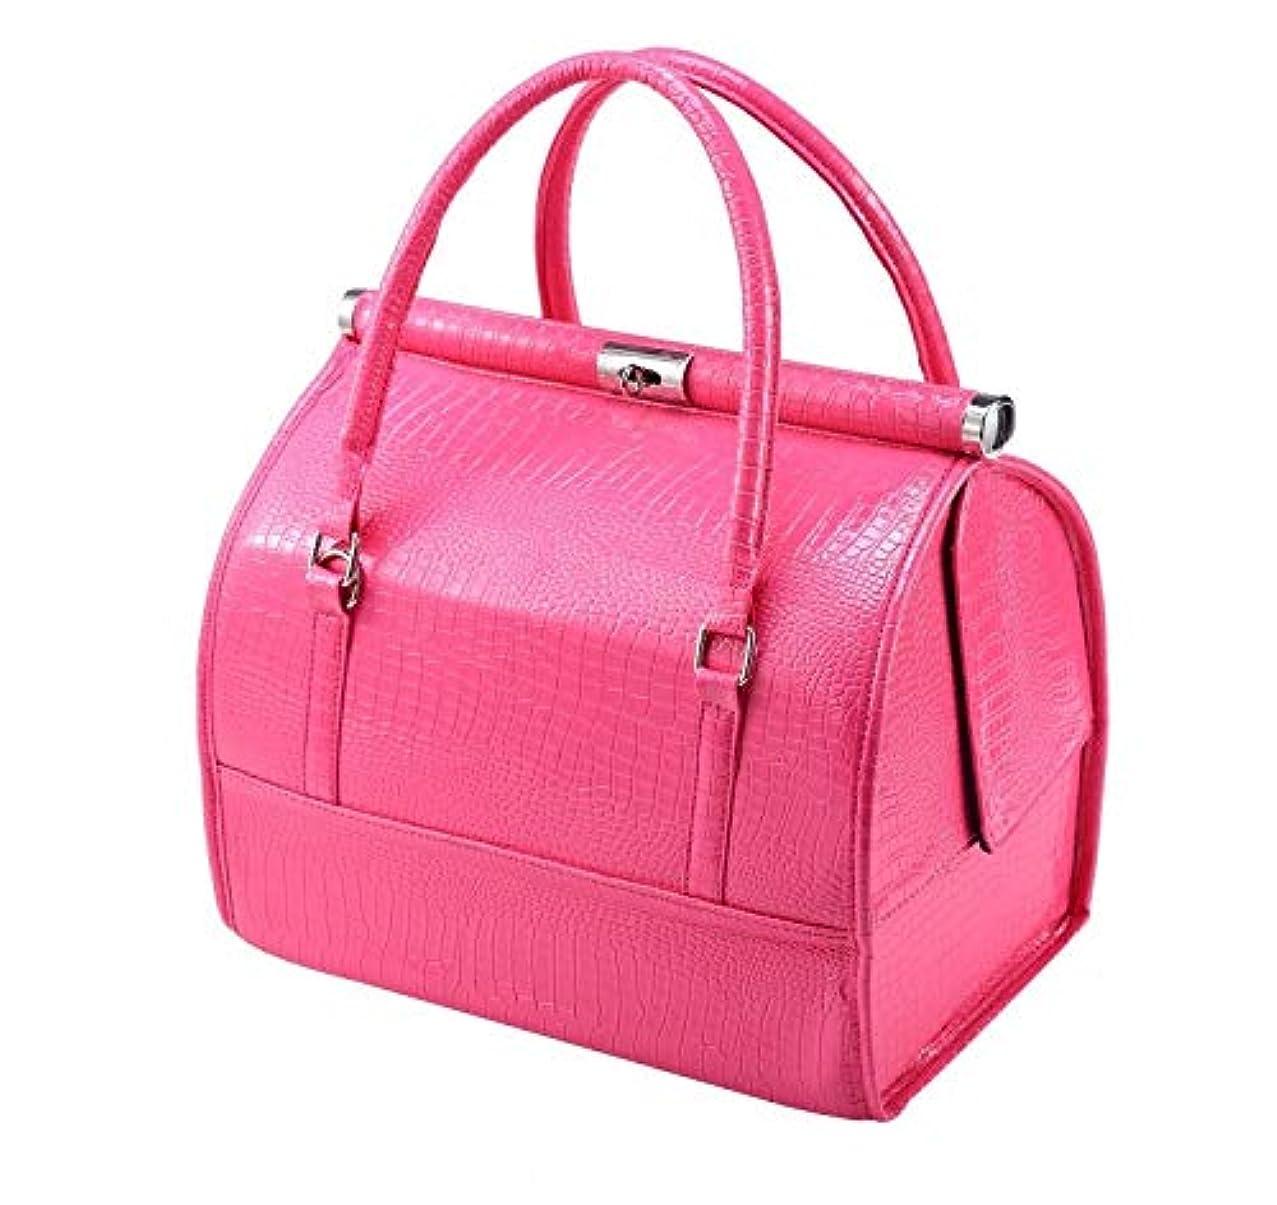 に沿ってそよ風早く化粧箱、大容量の対角および携帯用化粧品の箱、携帯用旅行化粧品袋、美の釘の宝石類の収納箱 (Color : ピンク)